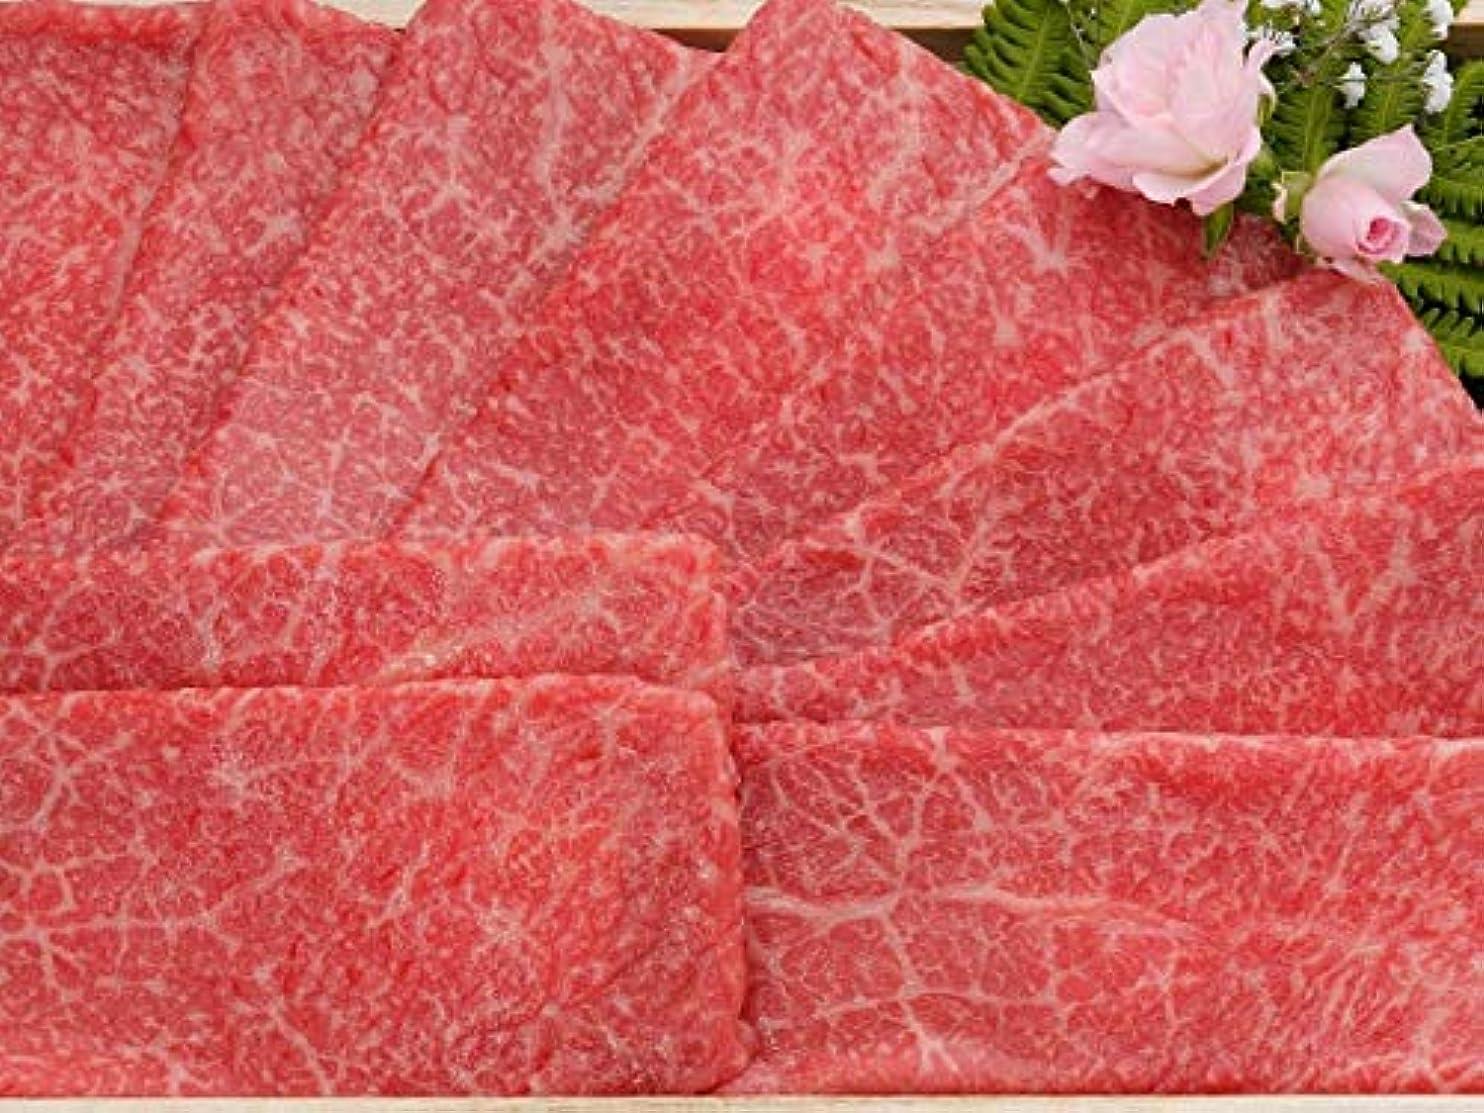 群れ根絶する明らかに【米沢牛卸 肉の上杉】 米沢牛赤身 しゃぶしゃぶ用 500g ギフト用化粧箱仕様